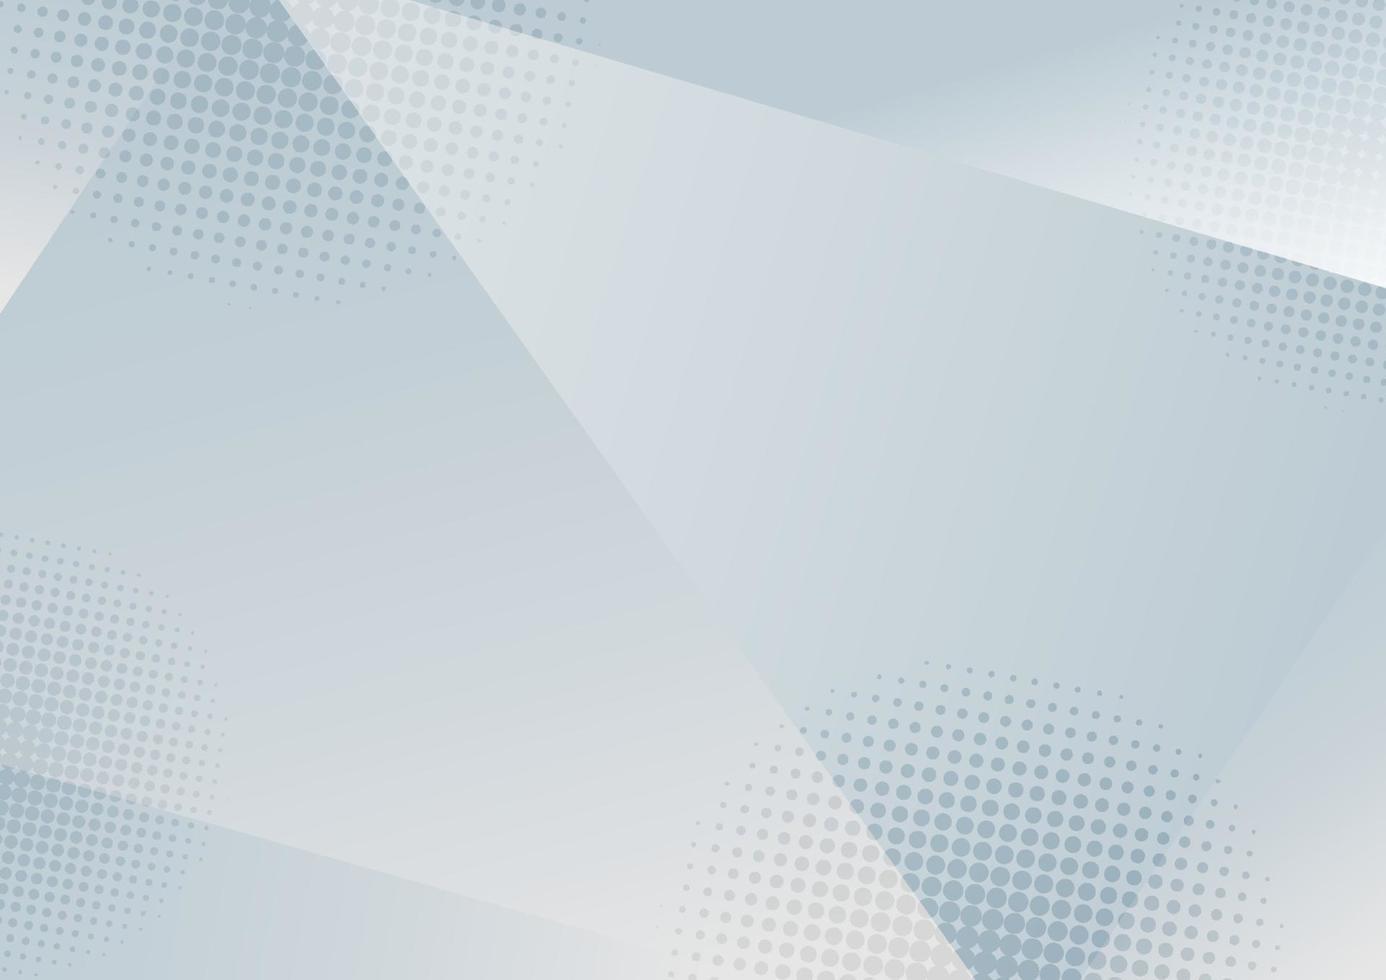 abstrakt låg polygon vit och grå tonad bakgrund med halvtoneffekt. vektor